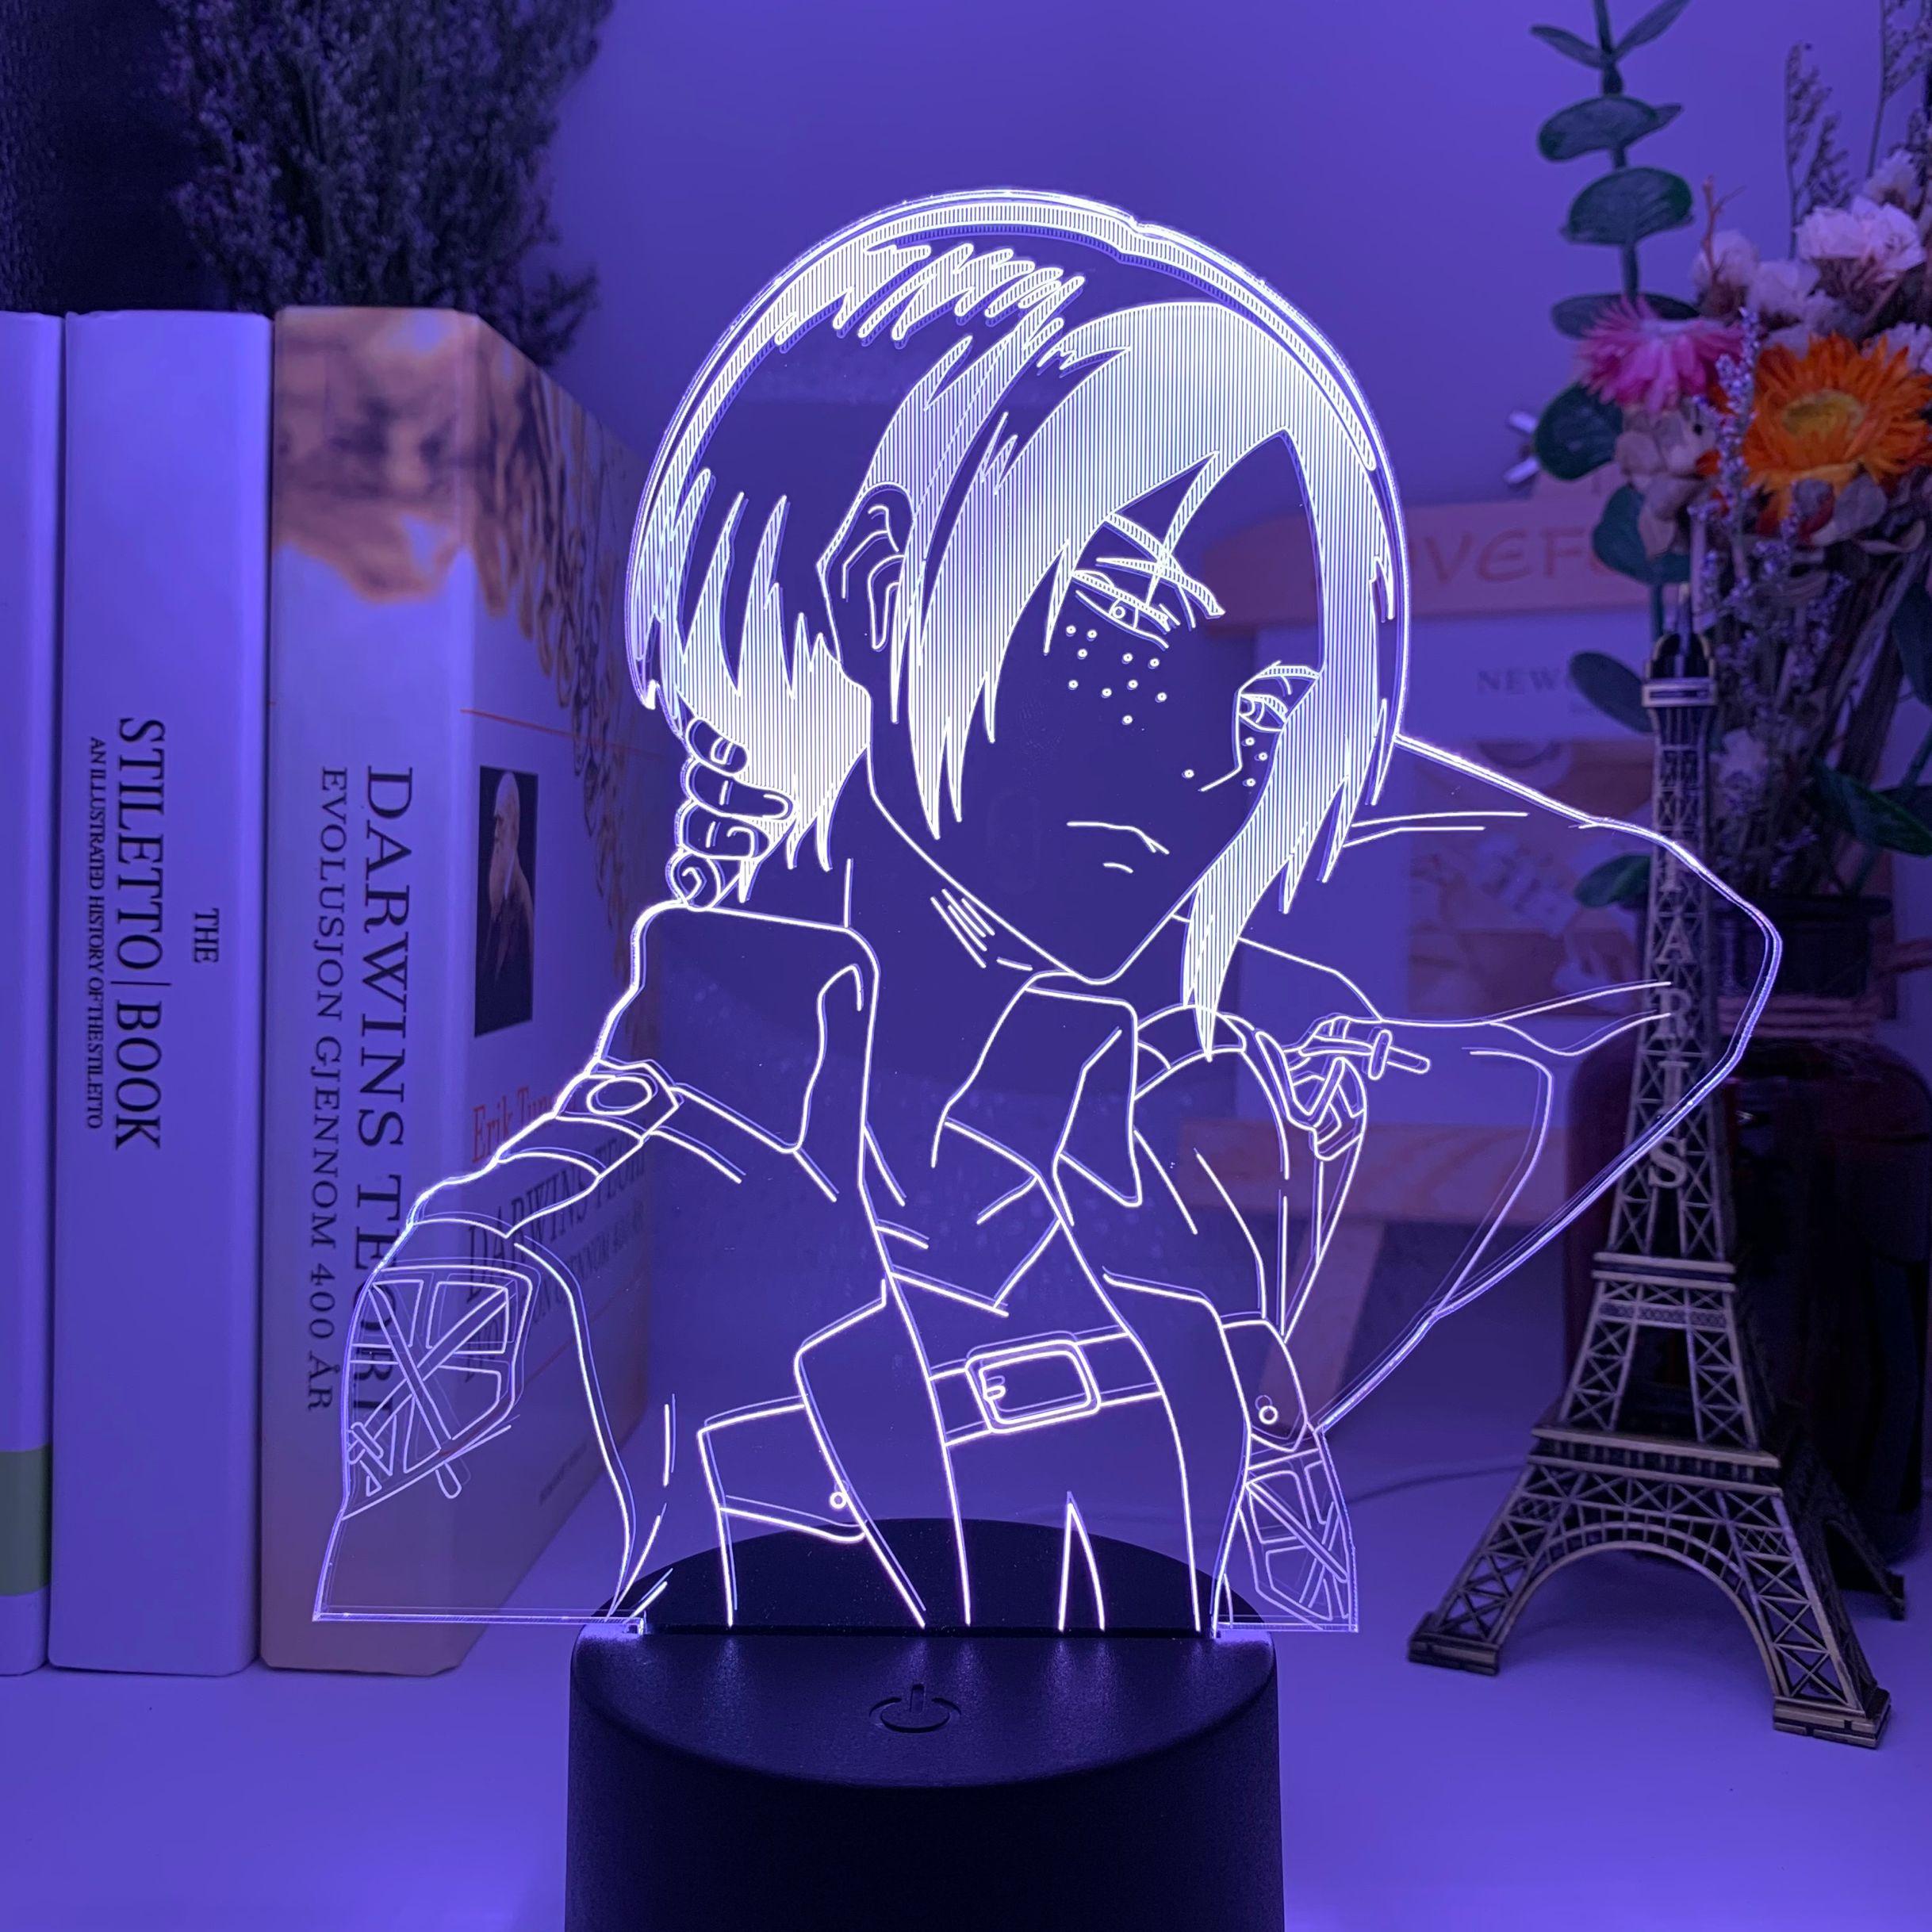 H1ce4419ed4264c358ba4395045e7c2c8C Luminária Attack On Titan Shingeki no Kyojin Acrílico 3d lâmpada ymir ataque em titã para casa decoração do quarto luz presente da criança ymir conduziu a luz da noite anime